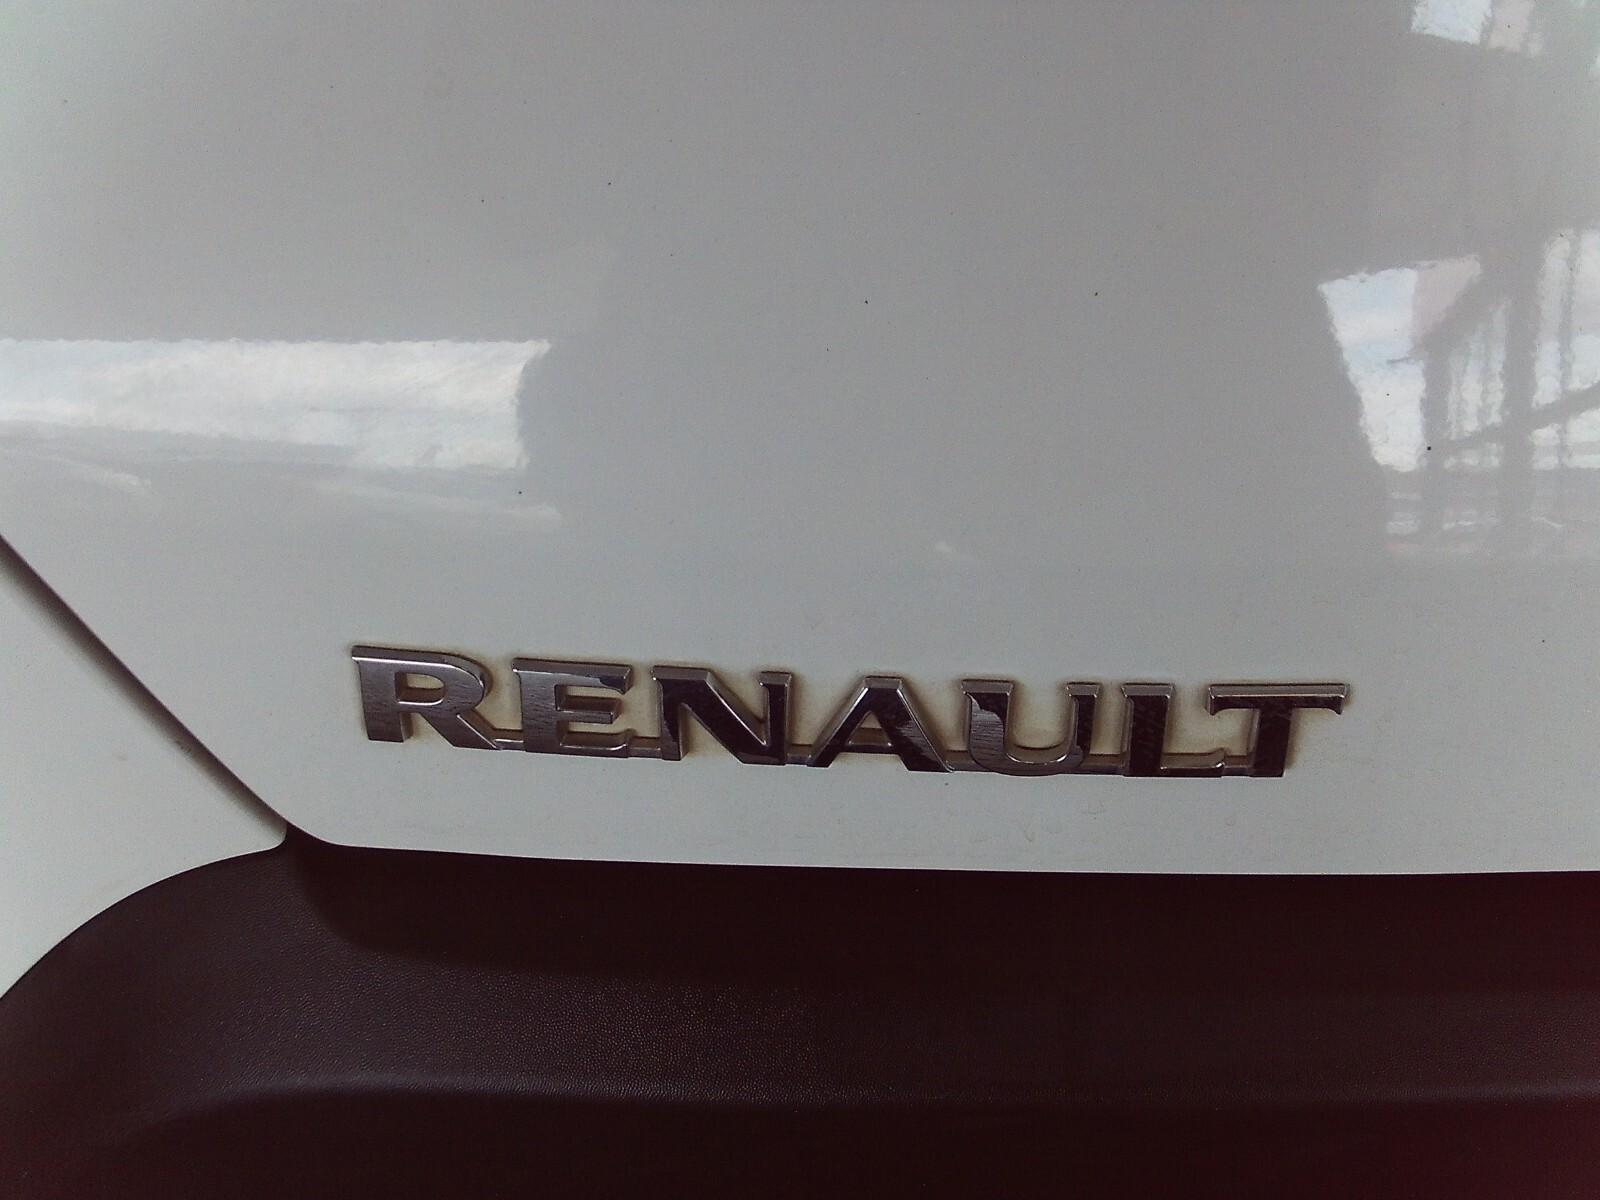 RENAULT 1.0 DYNAMIQUE 5DR Pretoria 17326814